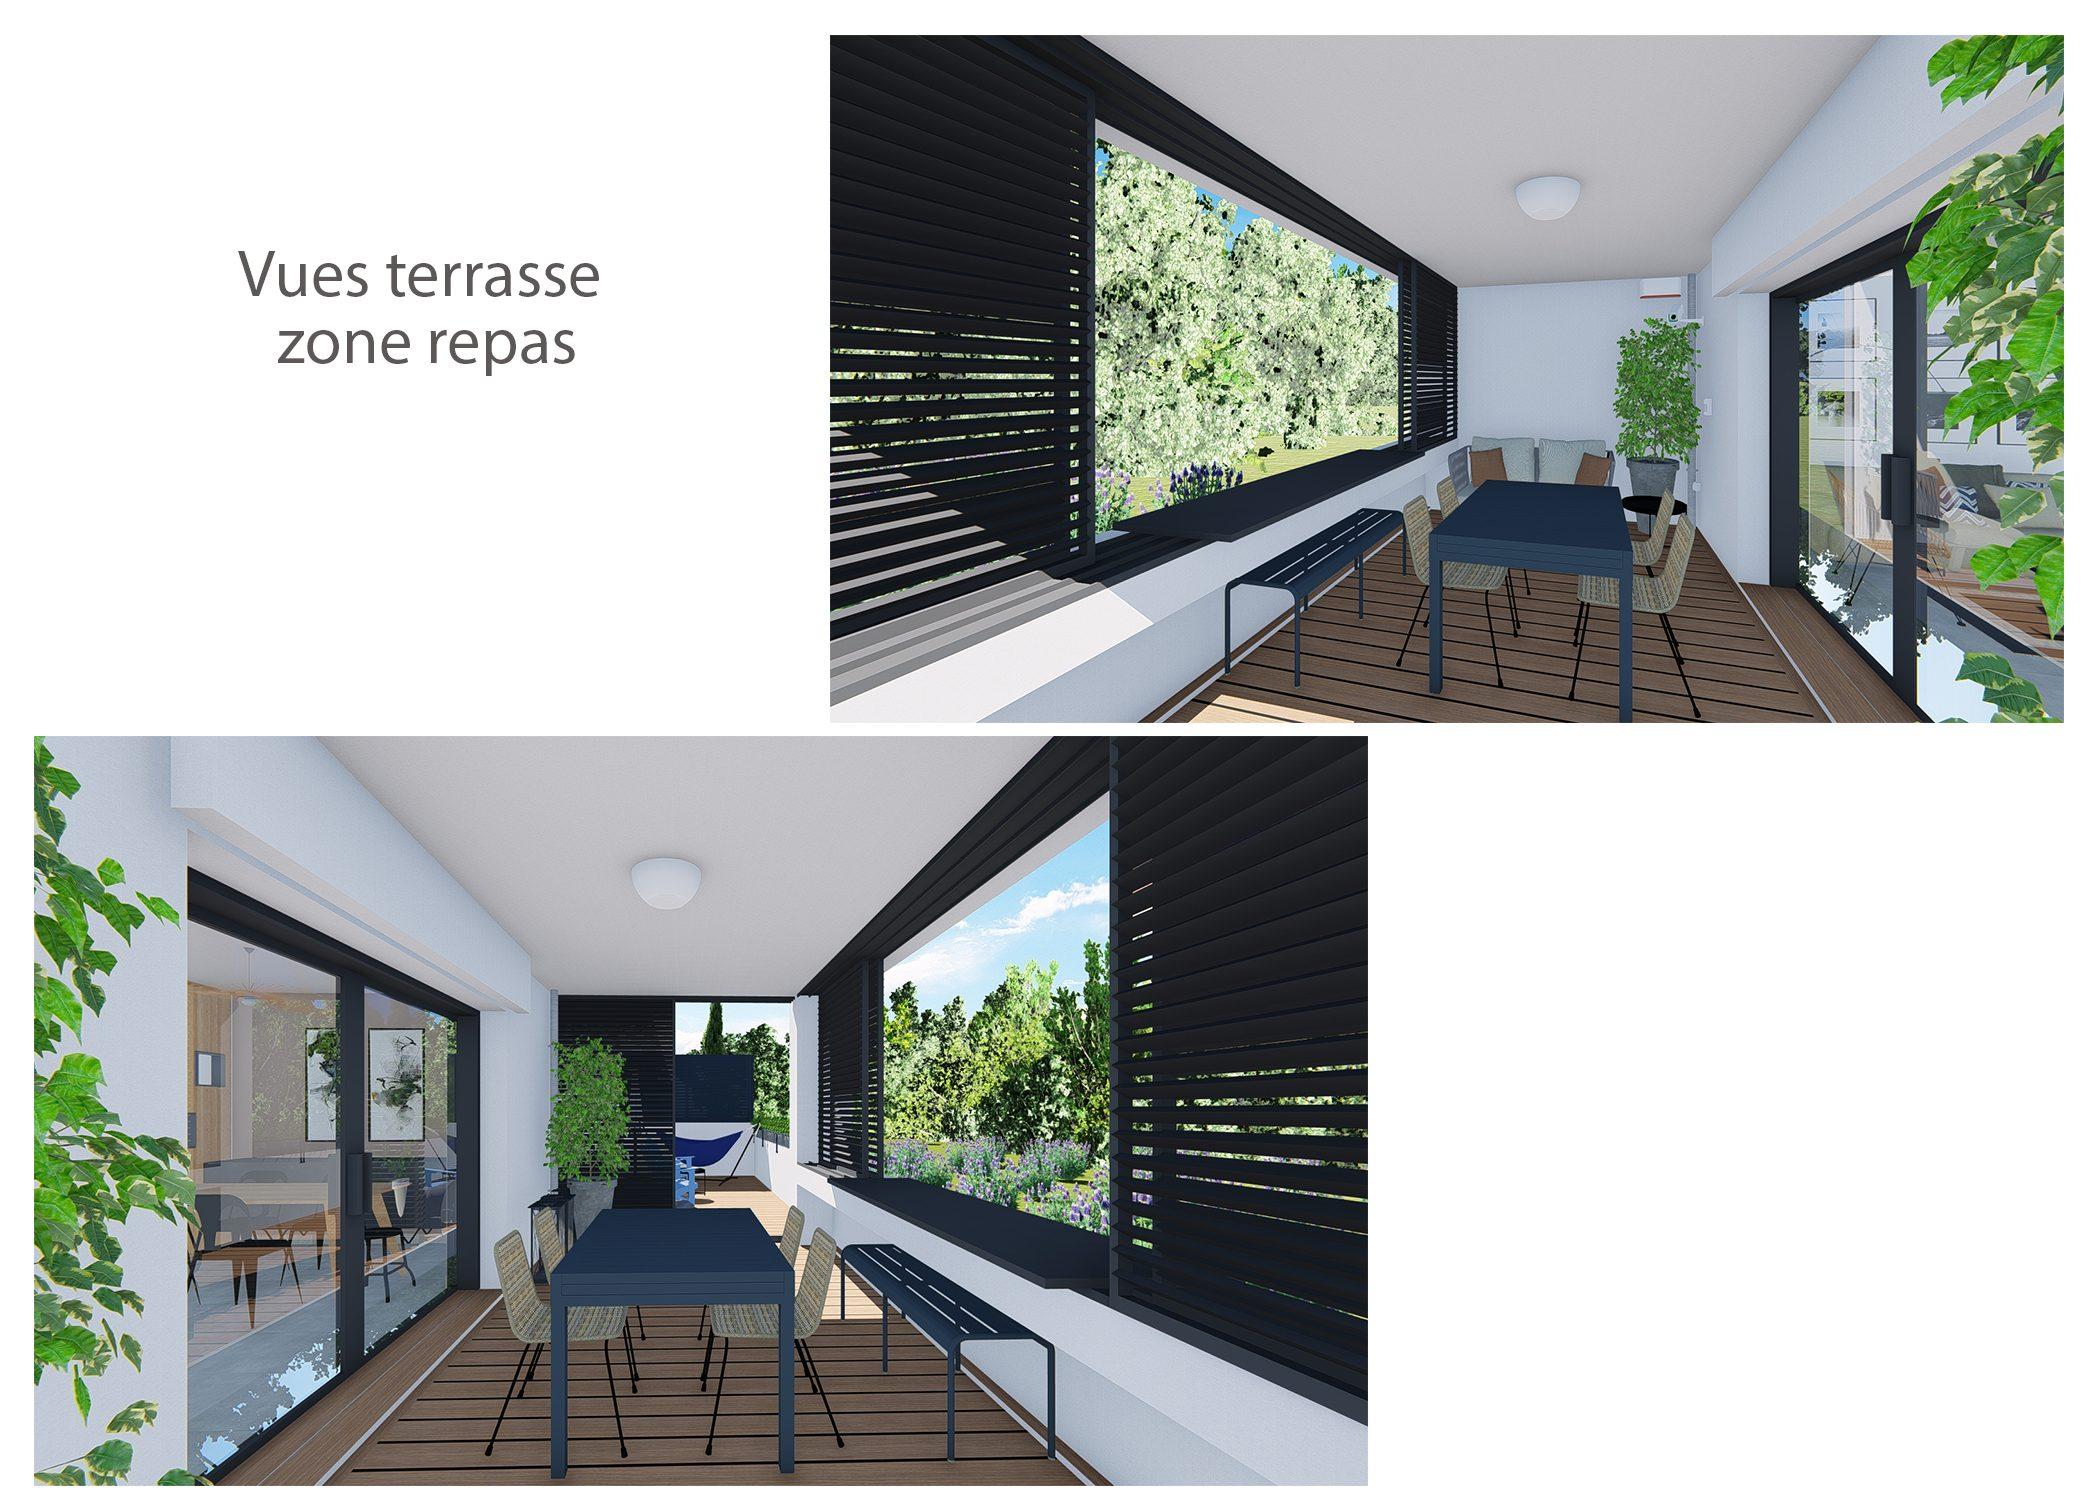 decoration-terrasse et chambre-vues terrasse repas-aix-en-provence-dekho design